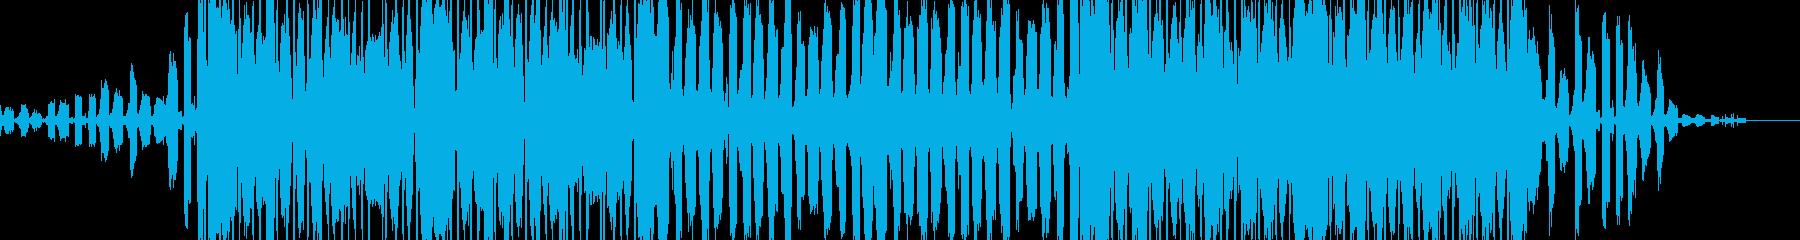 ラウンジ まったり ブルース ゆっ...の再生済みの波形